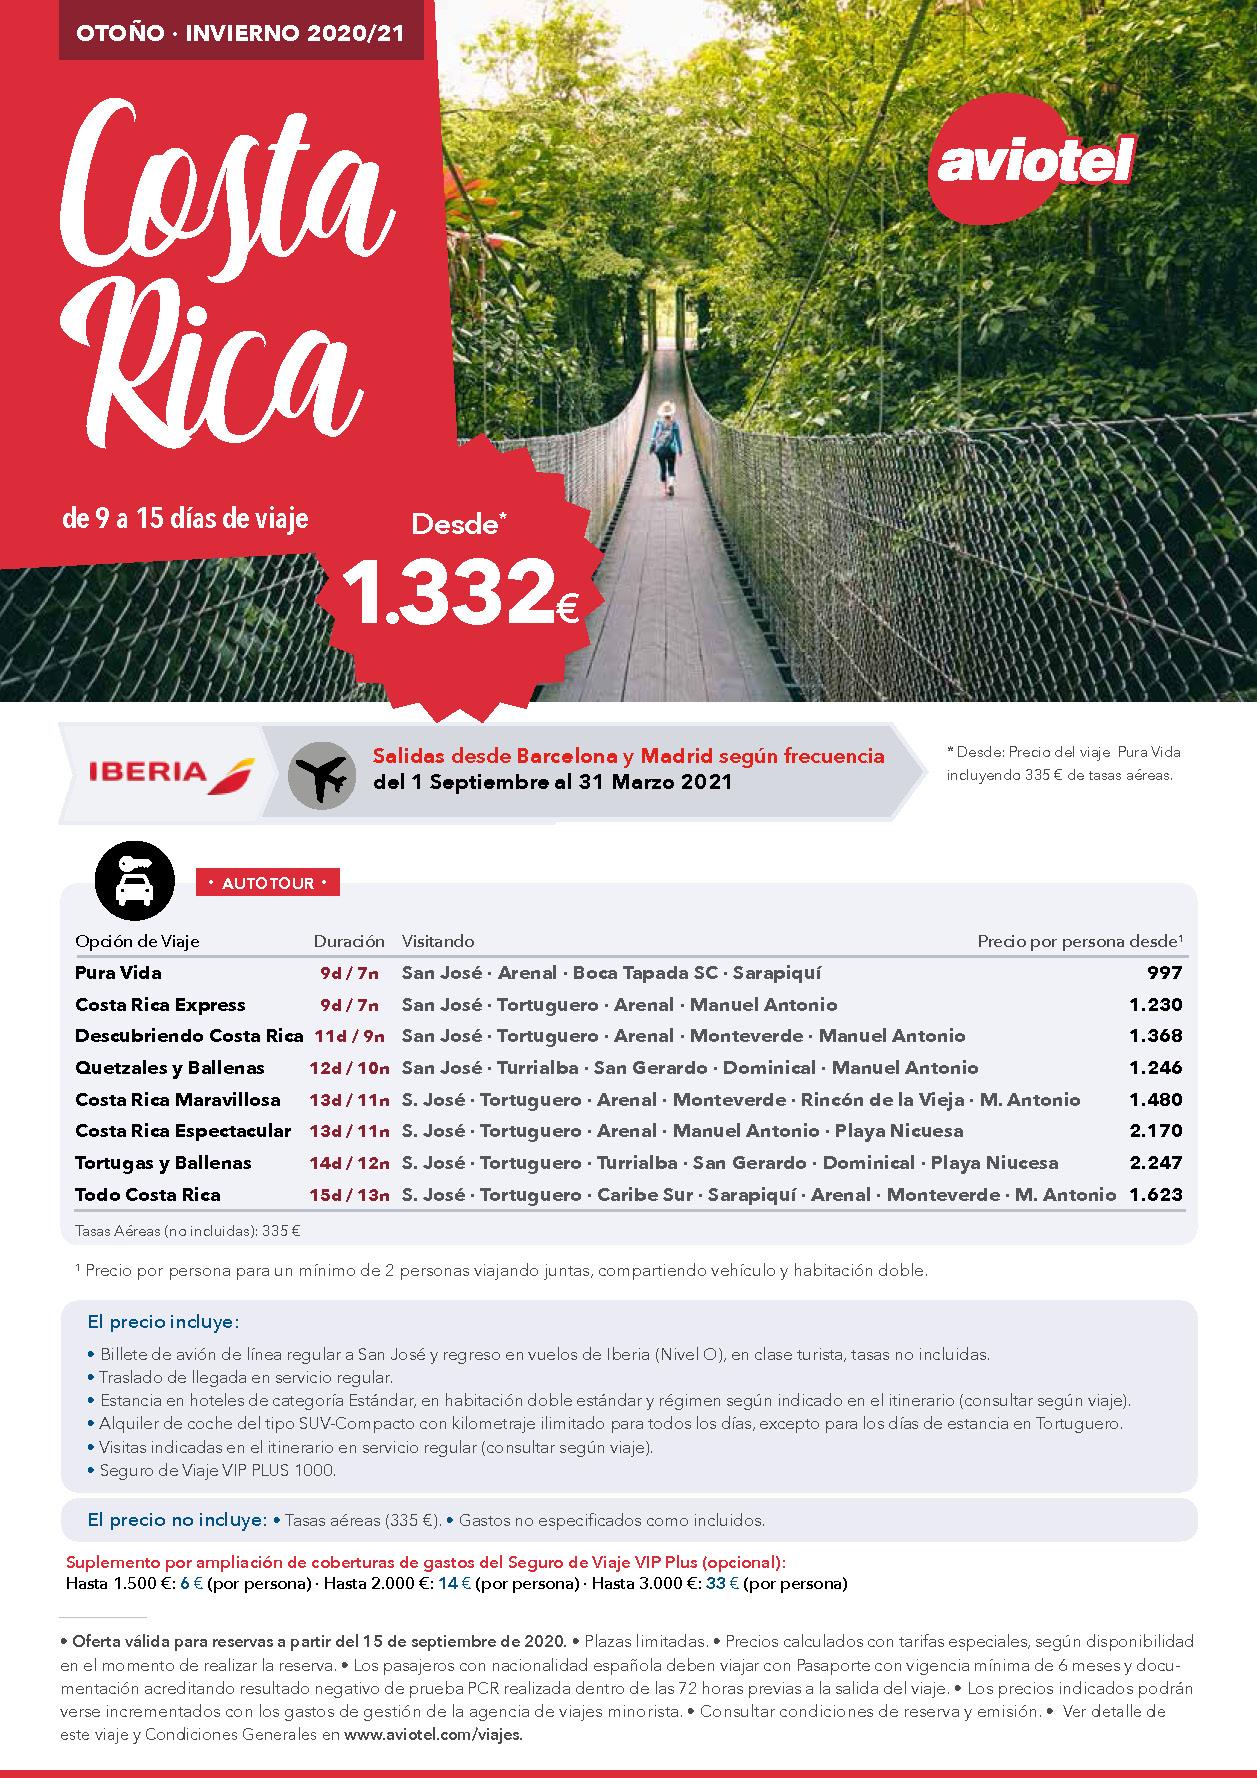 Oferta Aviotel Otoño e Invierno 2020-2021 en Costa Rica en coche de alquiler